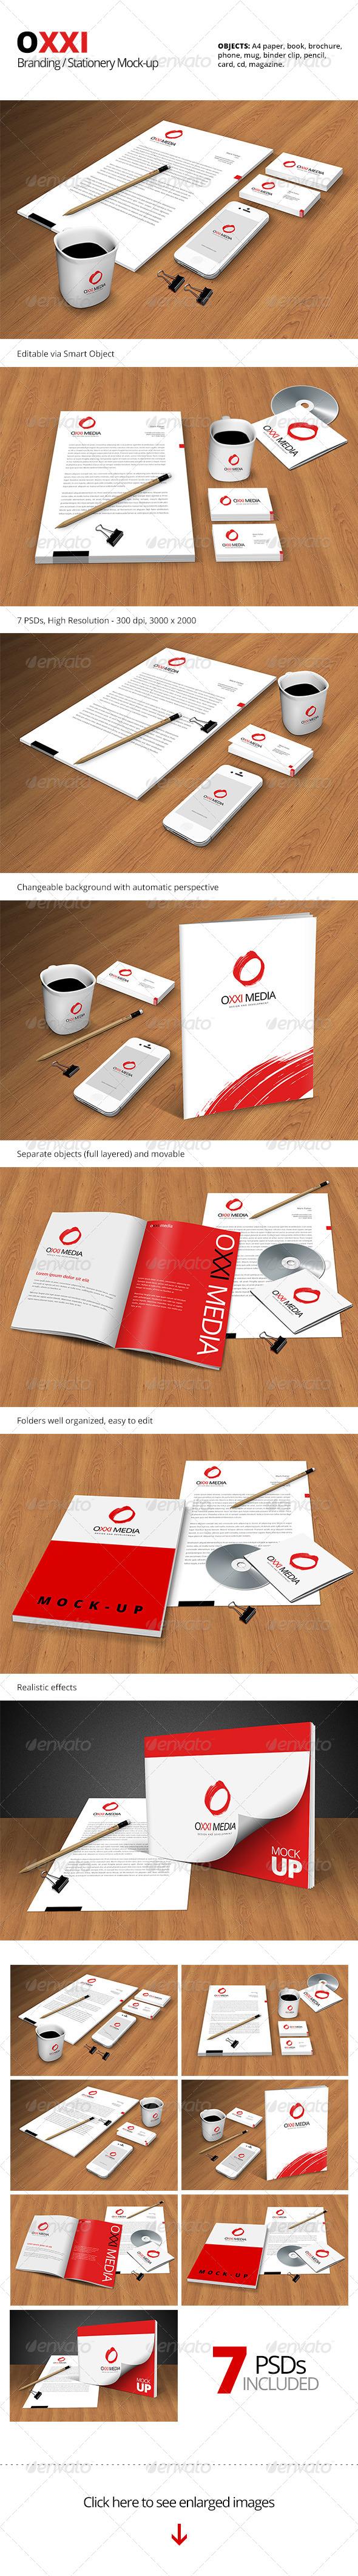 OXXI Branding / Stationery Mock-up - Stationery Print